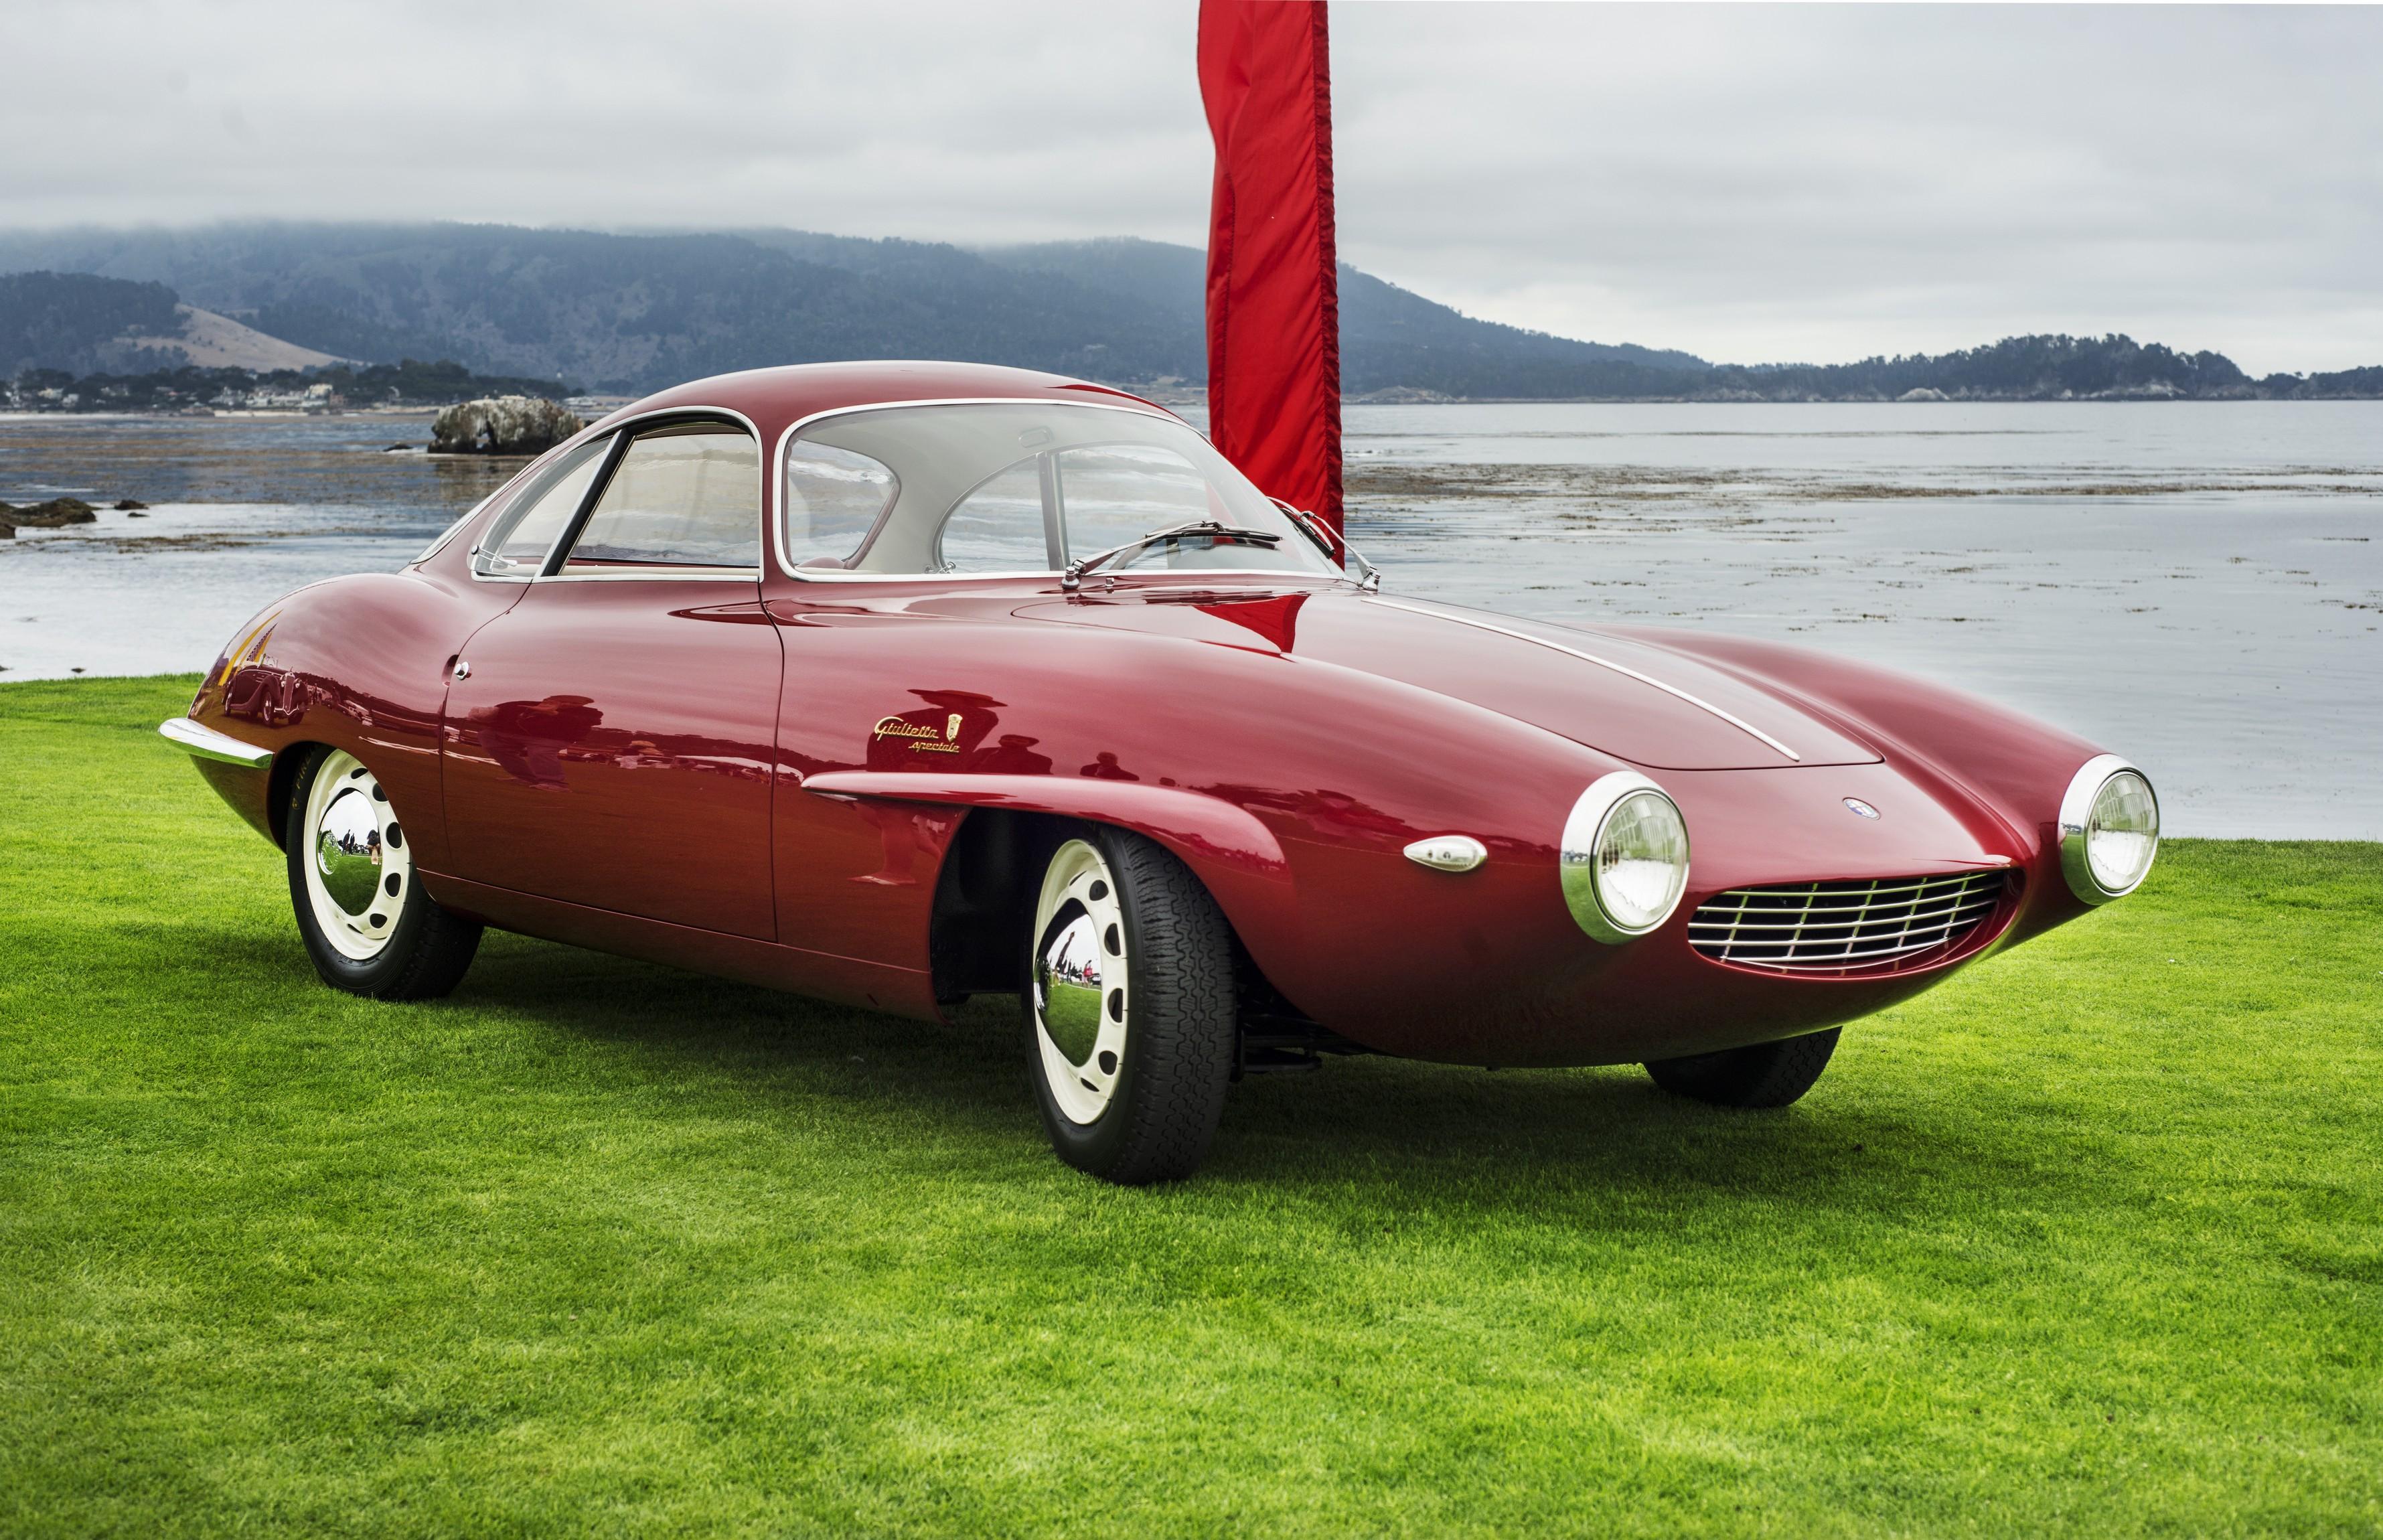 1957 Alfa Romeo Giulietta Sprint Speciale Prototipo by Bertone, design by Franco Scaglione: Concorso d'Eleganza Villa d'Este